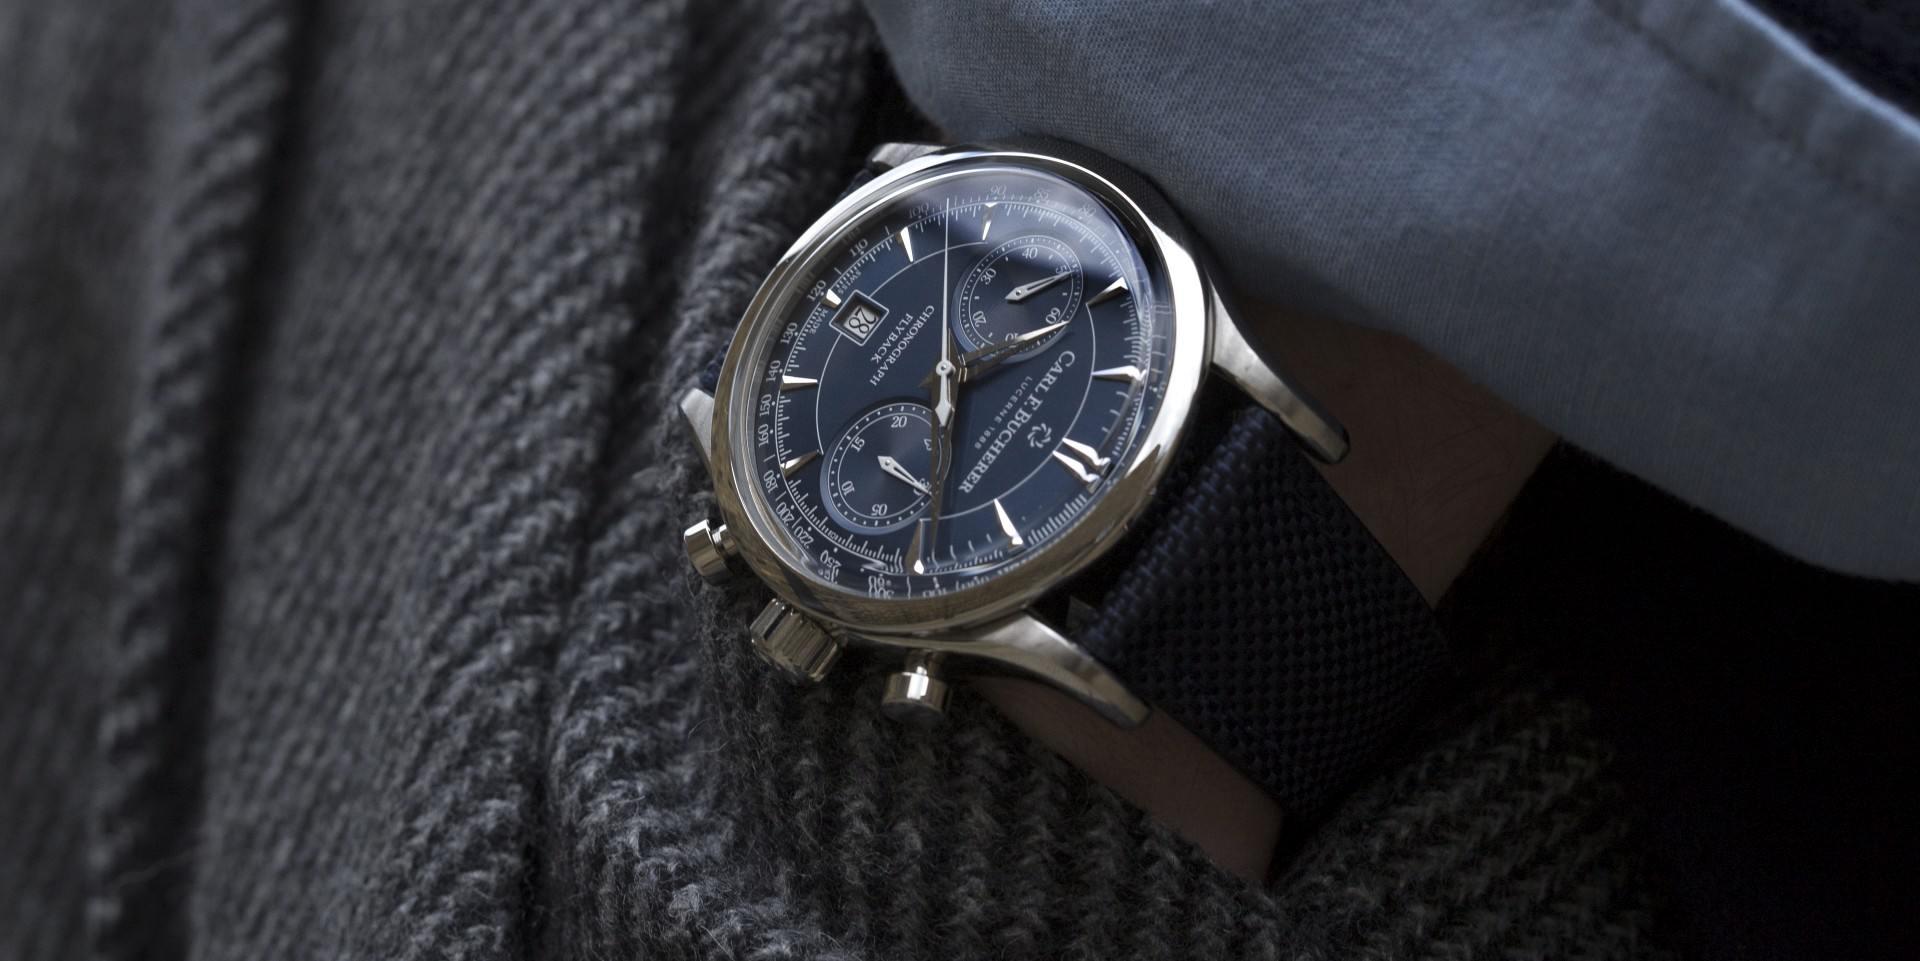 蔚藍風尚新主張:寶齊萊馬利龍飛返計時碼錶推出兩款藍色面盤新作